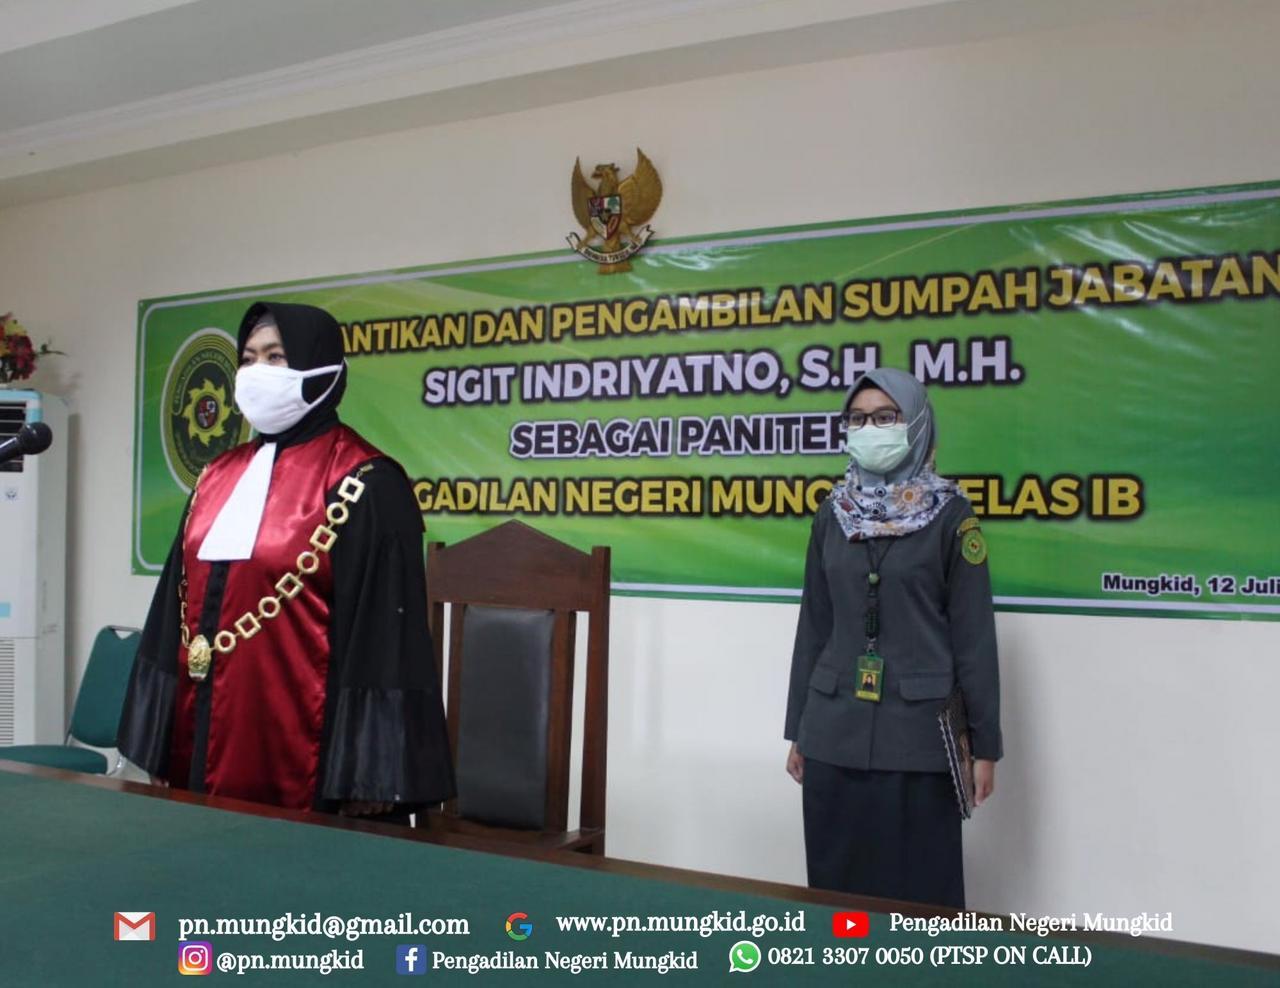 Pelantikan dan Pengambilan Sumpah Jabatan Panitera dan Sekretaris Pengadilan Negeri Mungkid Kelas 1B